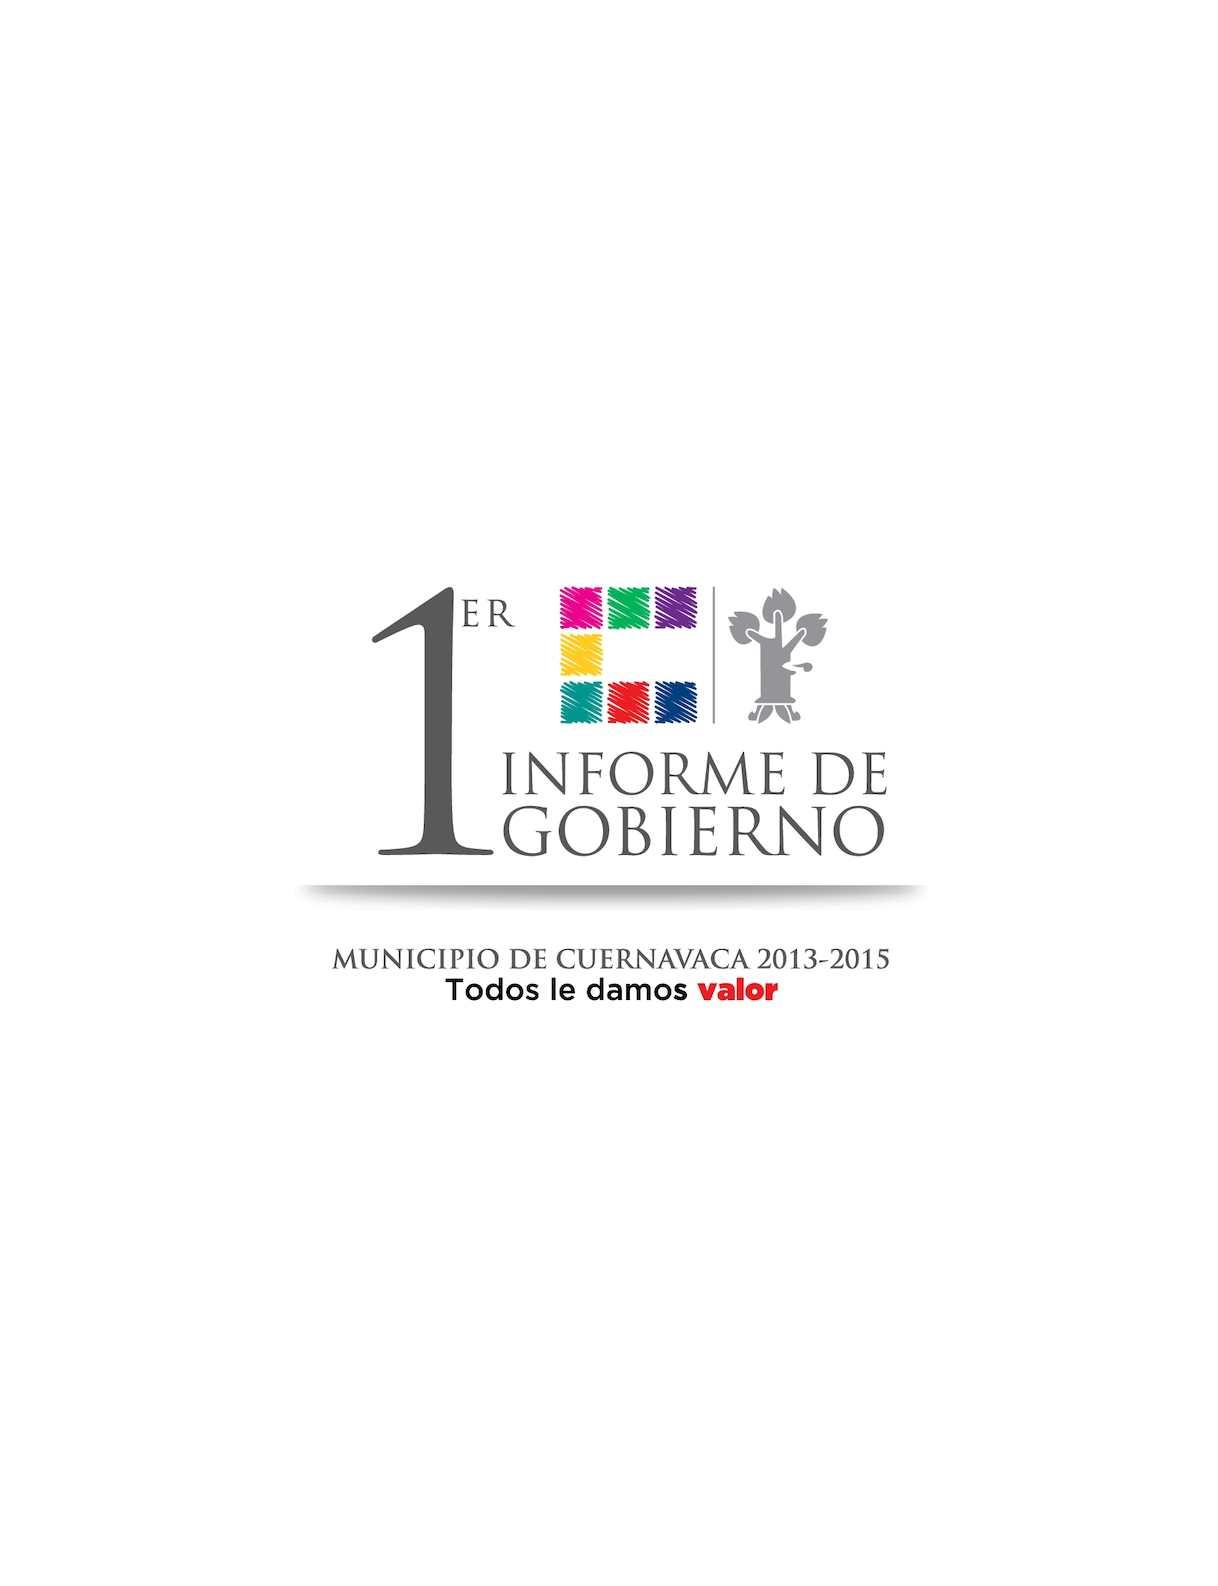 Calaméo - Primer Informe Cuernavaca 2013 1902060ef55